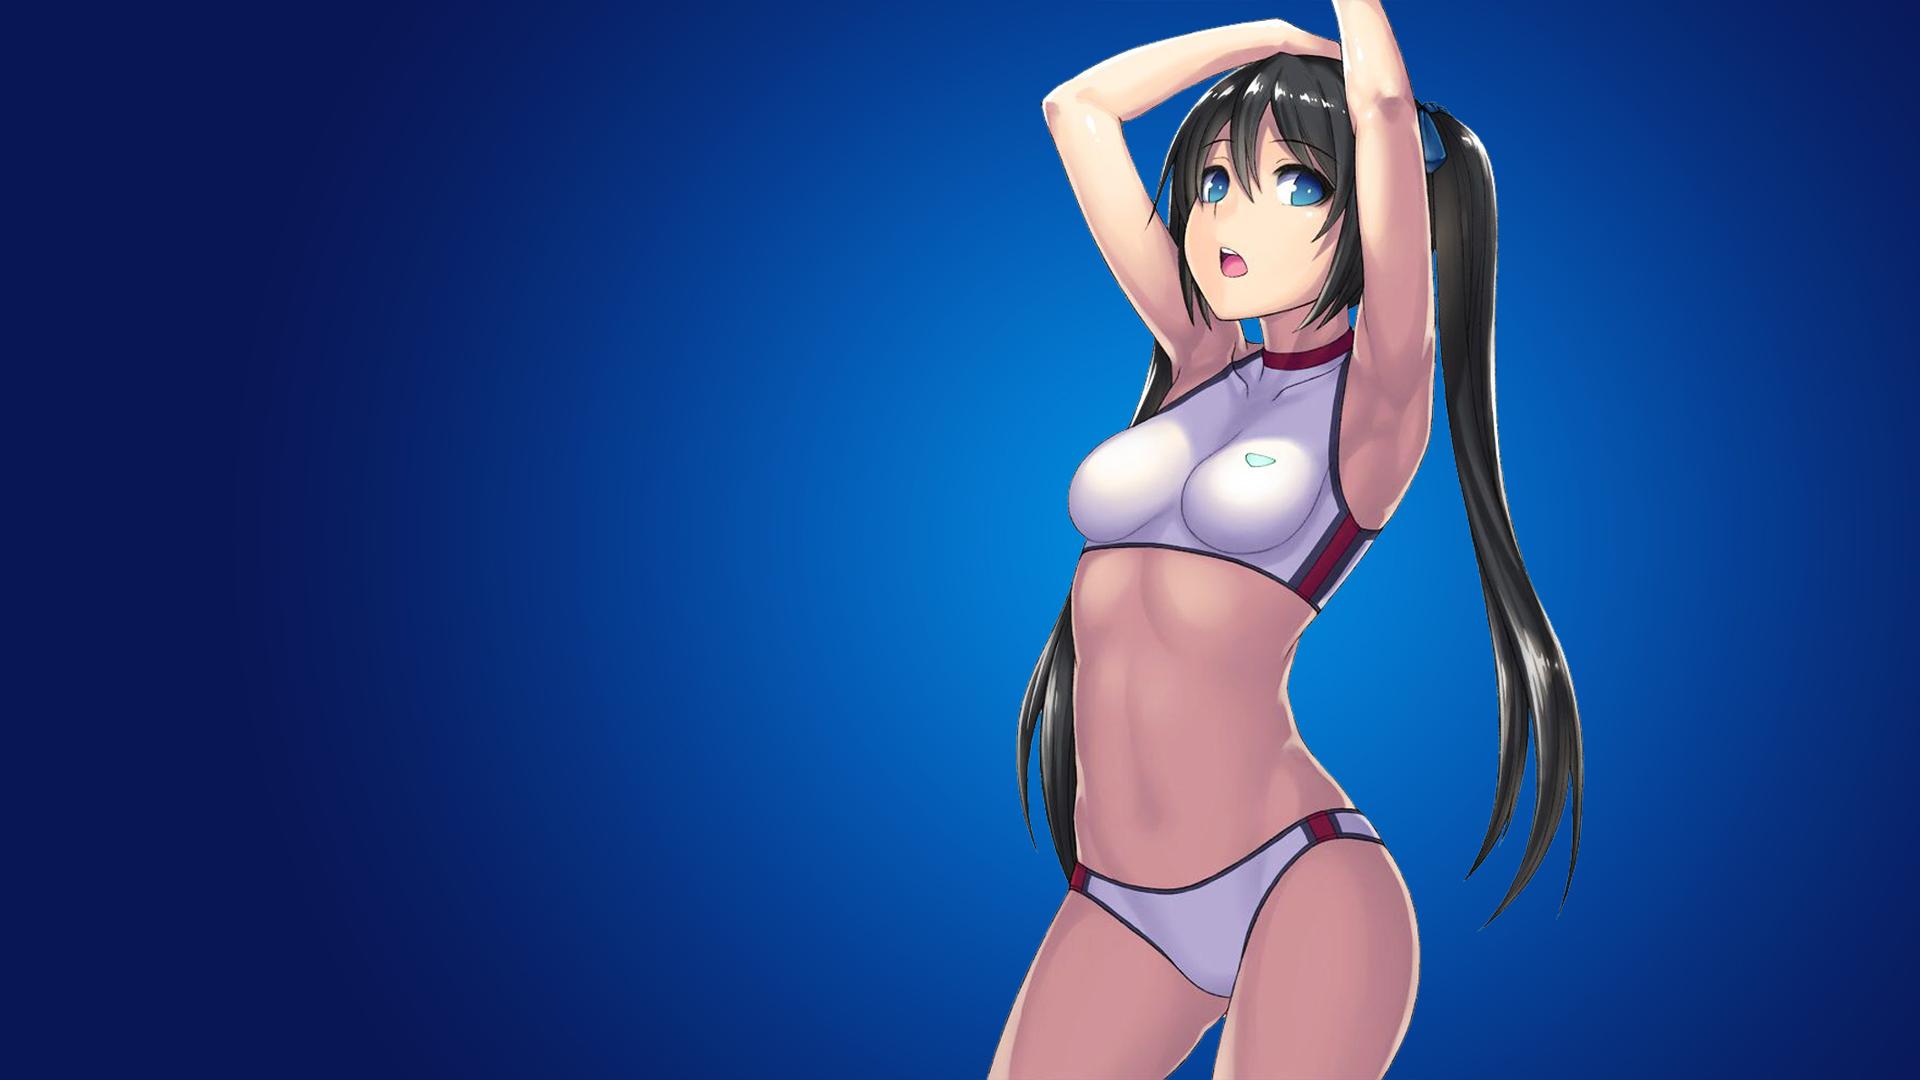 Amv anime beach woman